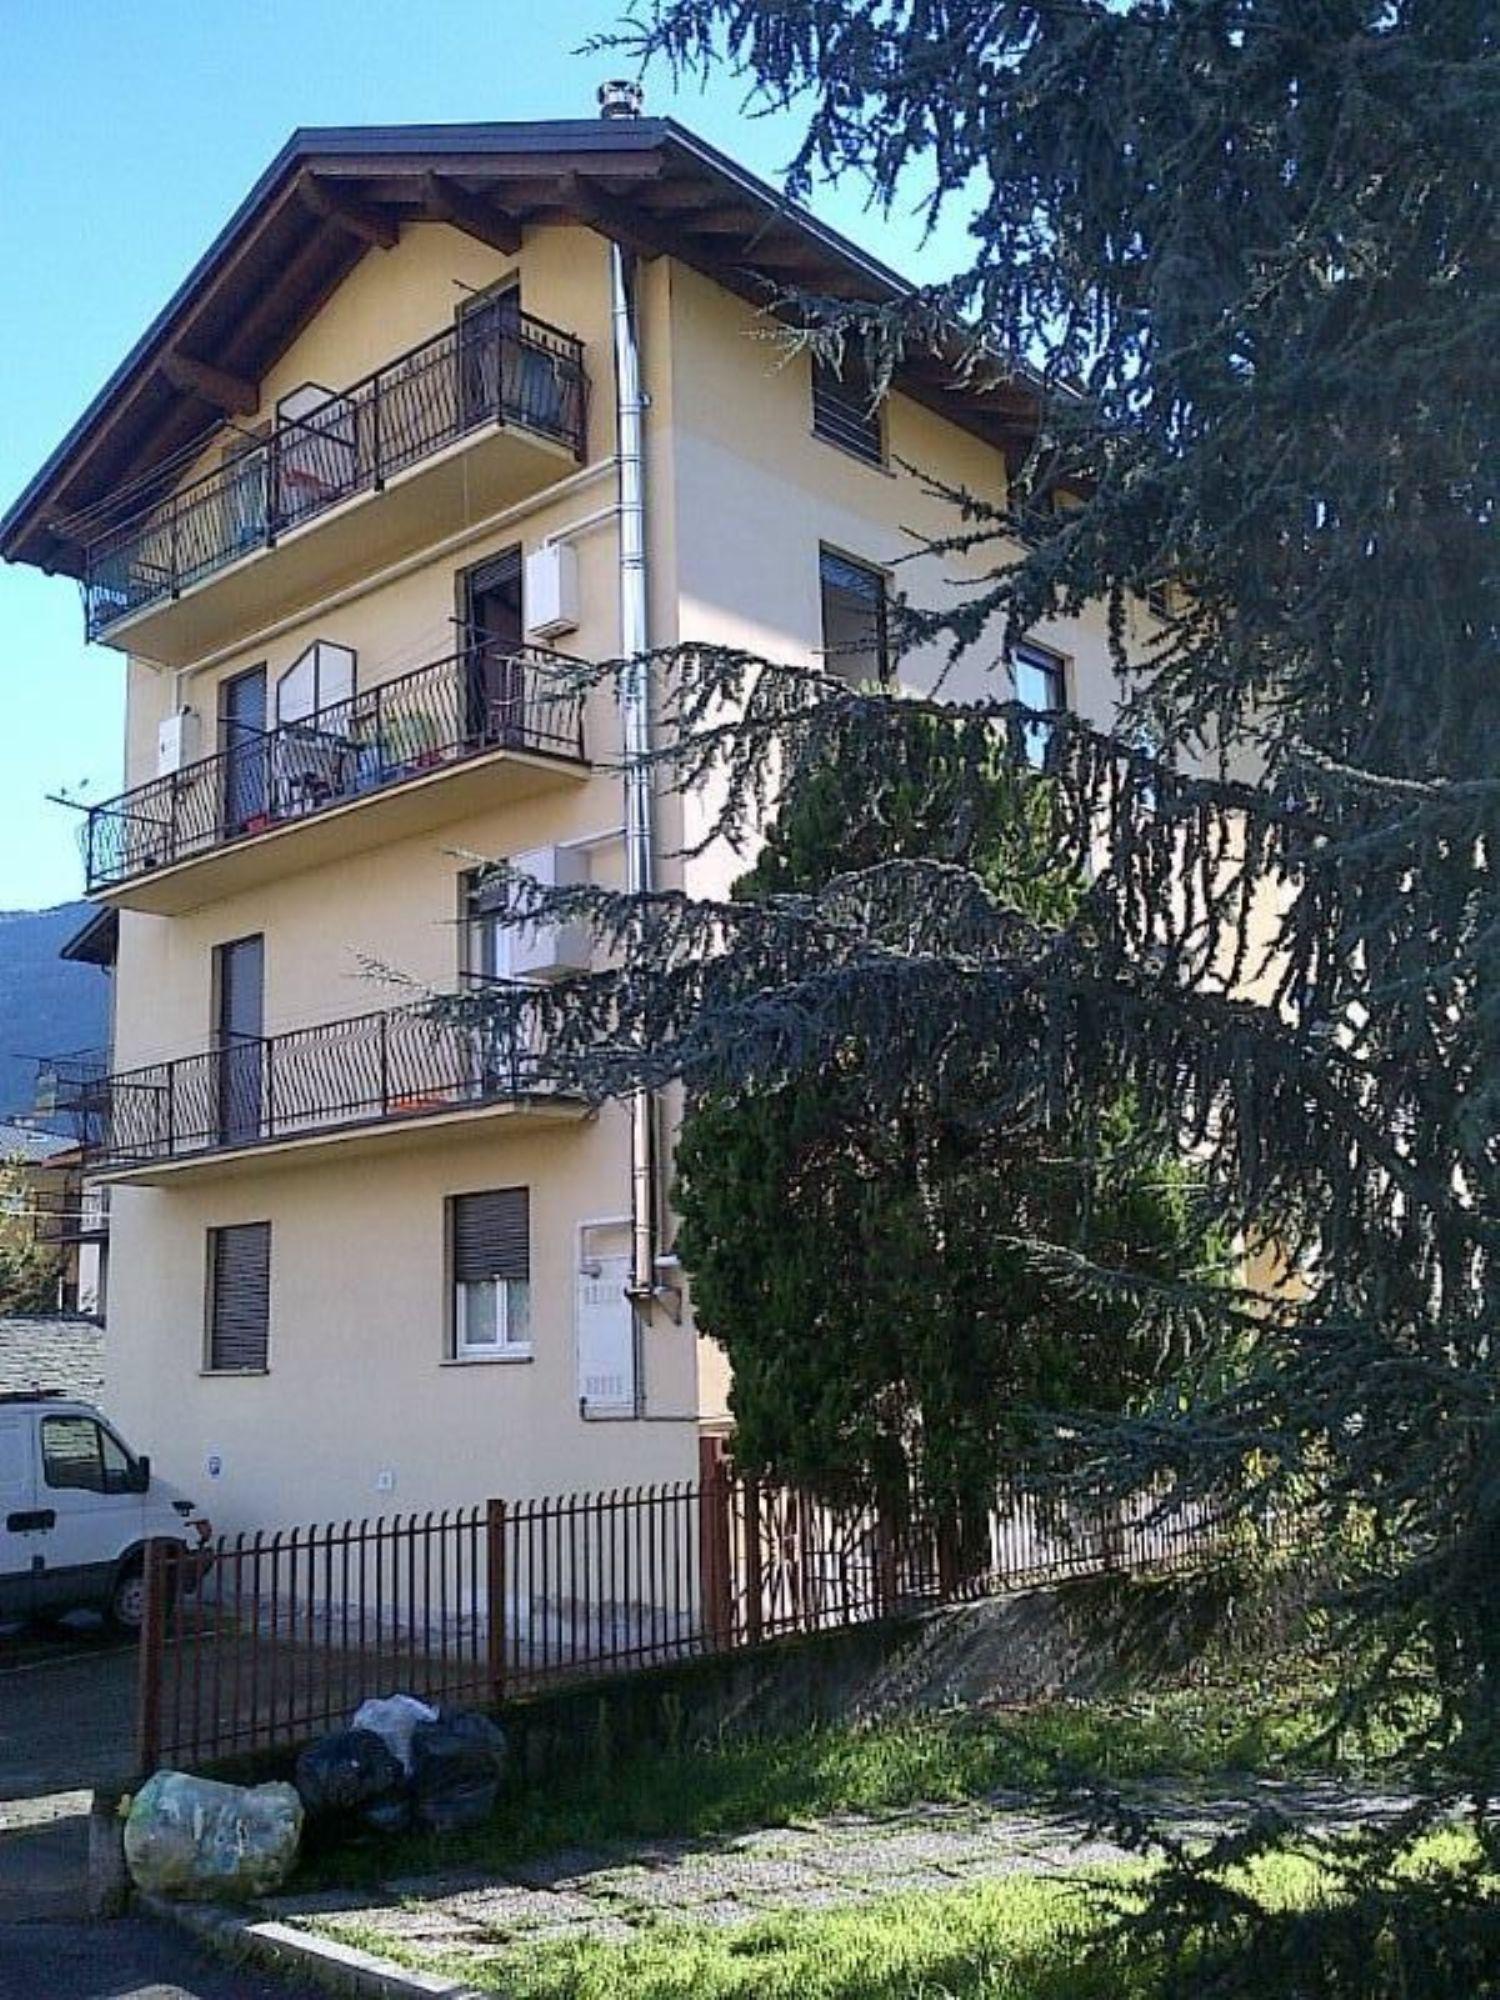 Appartamento in vendita a Sondrio, 2 locali, prezzo € 65.000 | CambioCasa.it